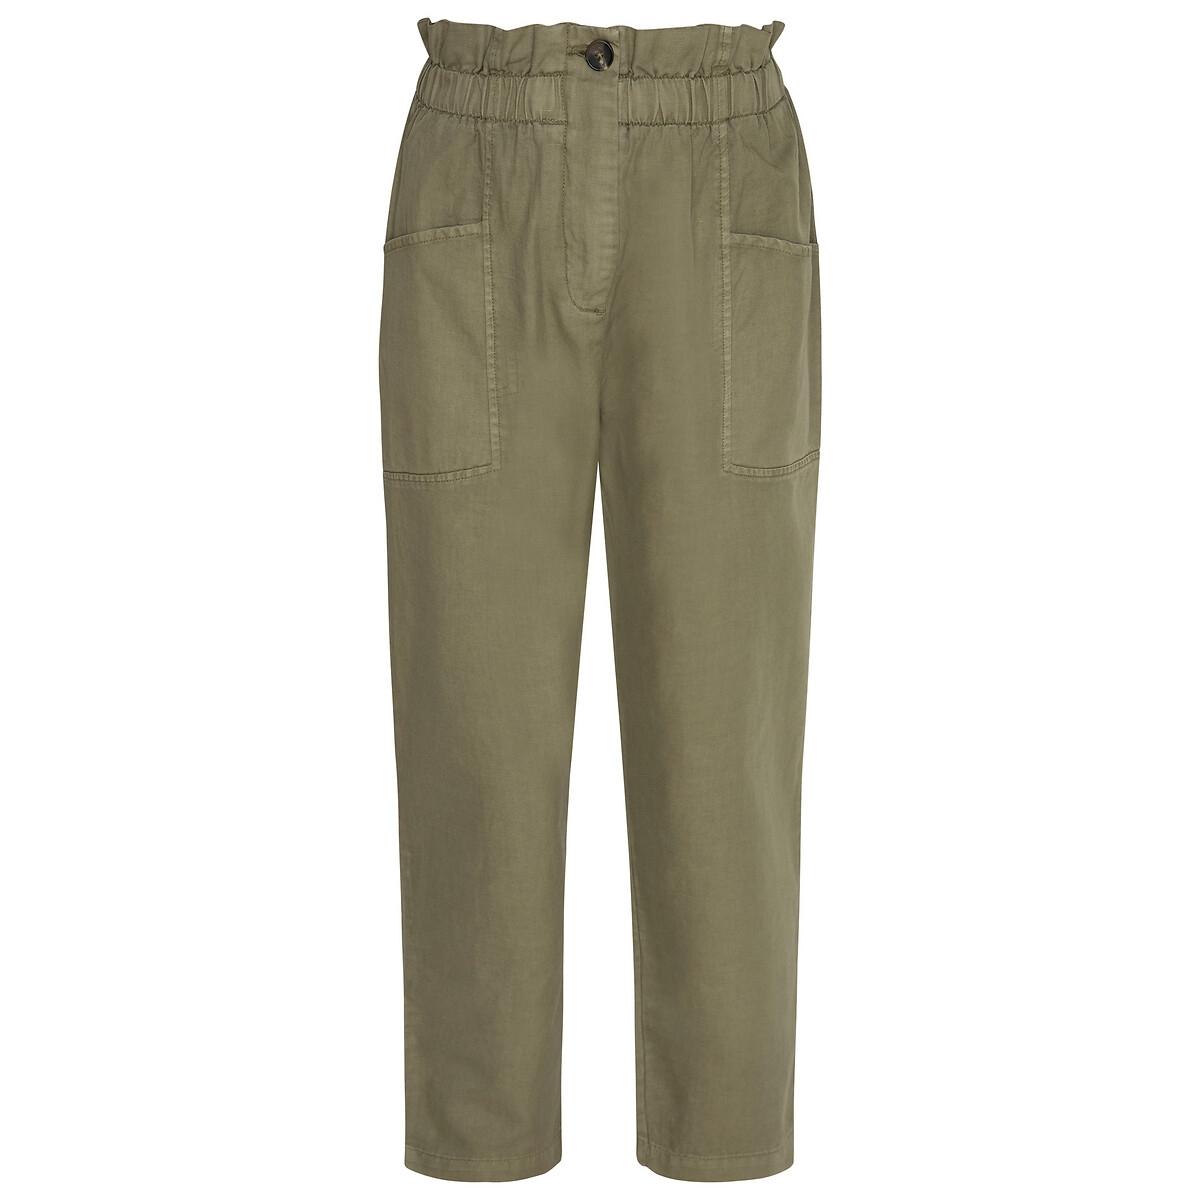 Брюки La Redoute Широкие с высокой талией M зеленый брюки la redoute широкие с завышенной талией и стилизованным рисунком m красный